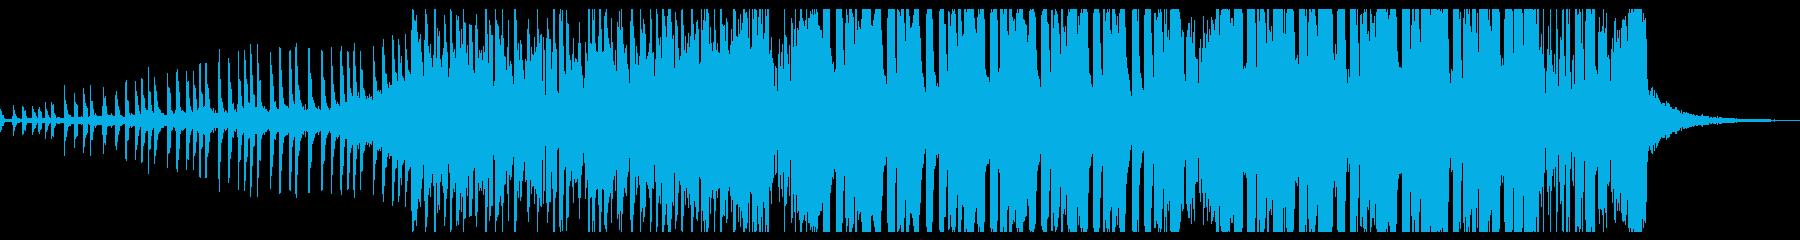 夏らしいサウンドのメルボルンバウンスの再生済みの波形